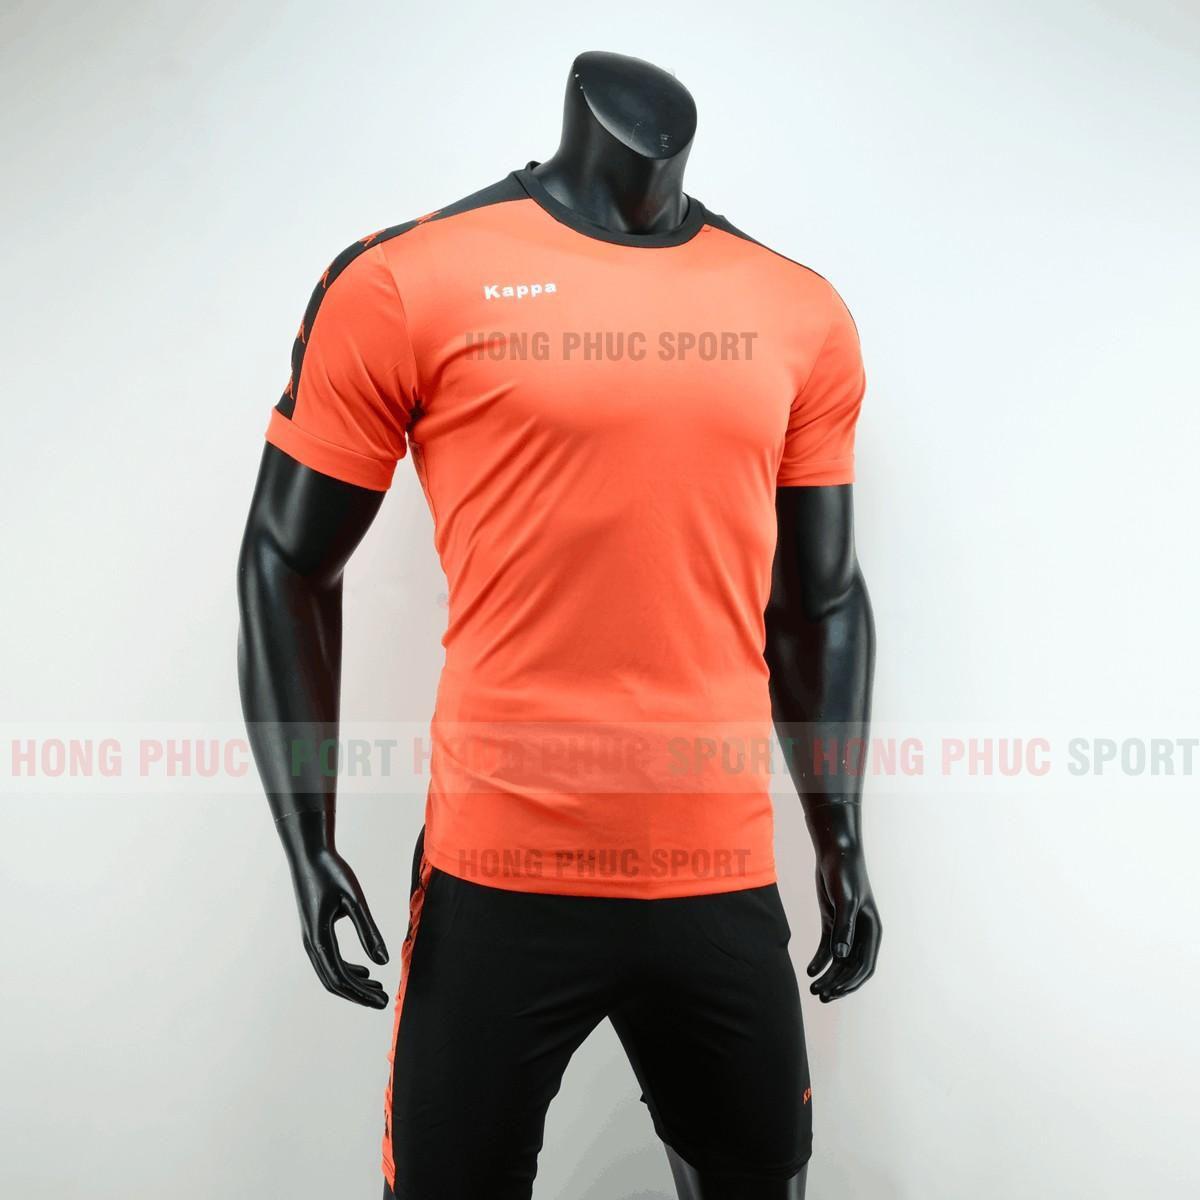 https://cdn.hongphucsport.com/unsafe/cdn.hongphucsport.com/dothethao.net.vn/wp-content/uploads/2019/08/ao-da-bong-kappa-mau-cam-khong-logo-2019-2020-5.jpg